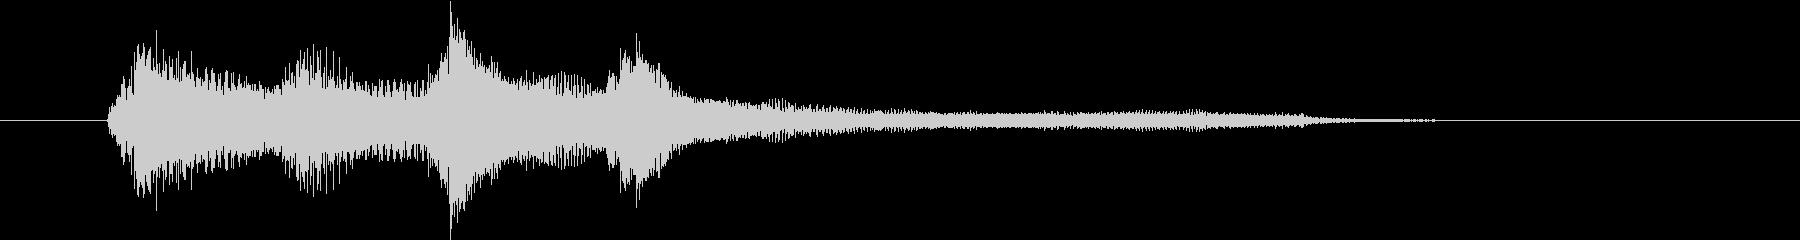 """【生楽器収録】華麗なる""""C""""の分散和音の未再生の波形"""